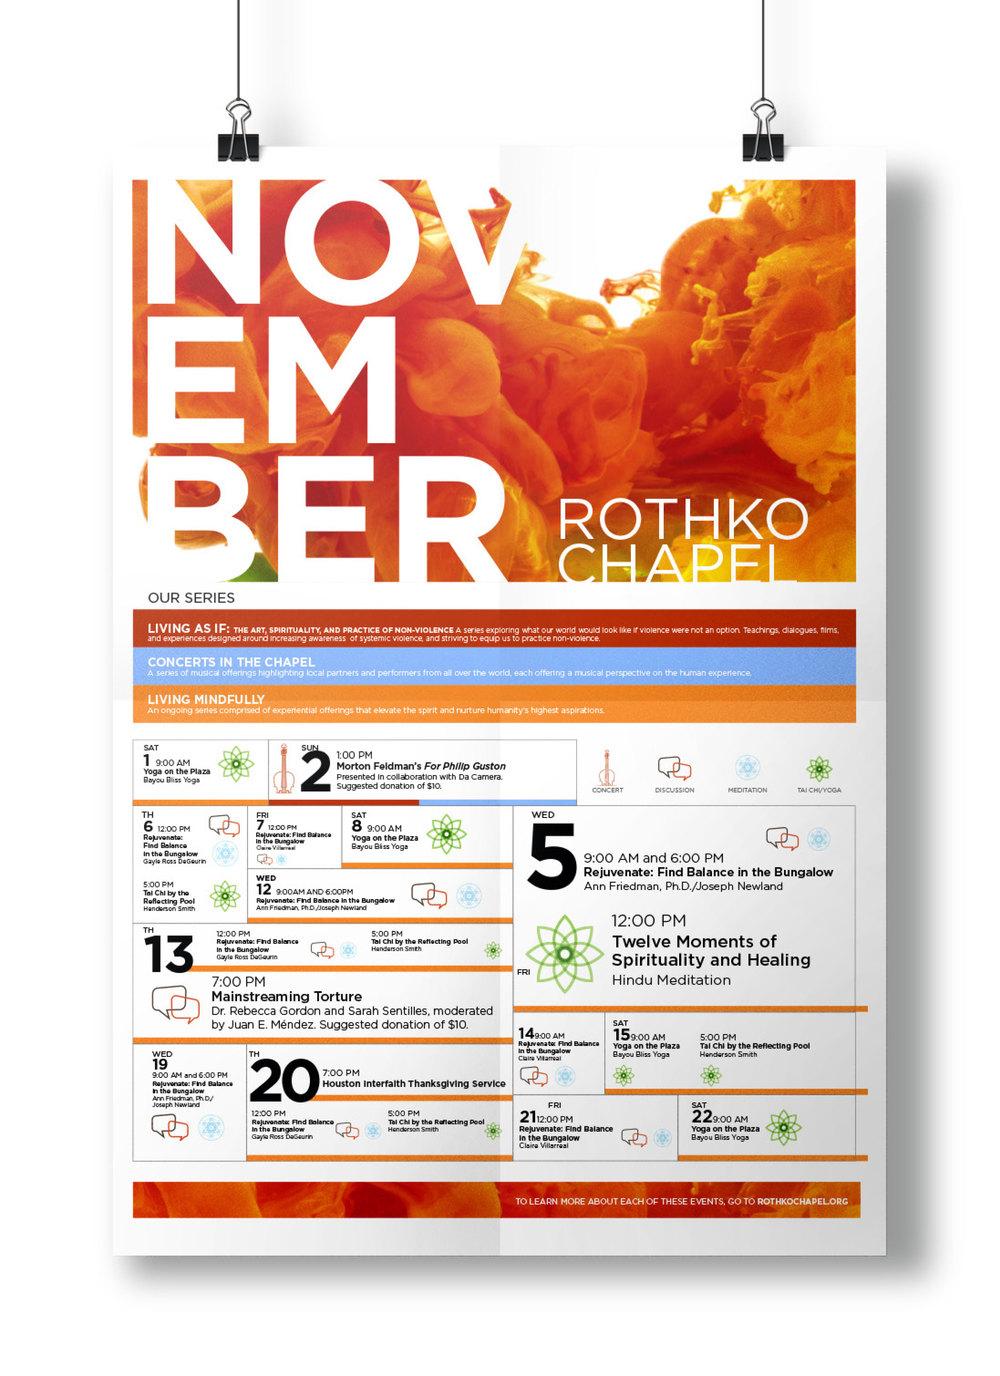 ROTHKO_CALENDAR_1.jpg